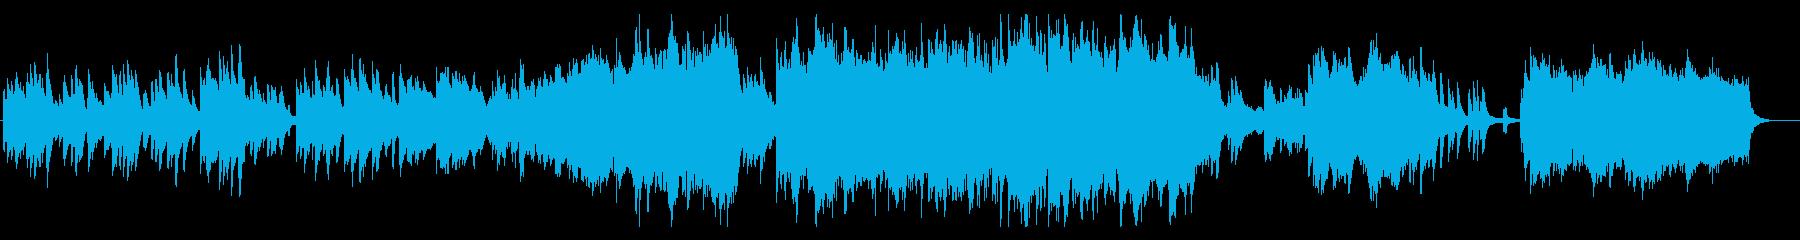 出会いと別れ 感動的なストリングス の再生済みの波形